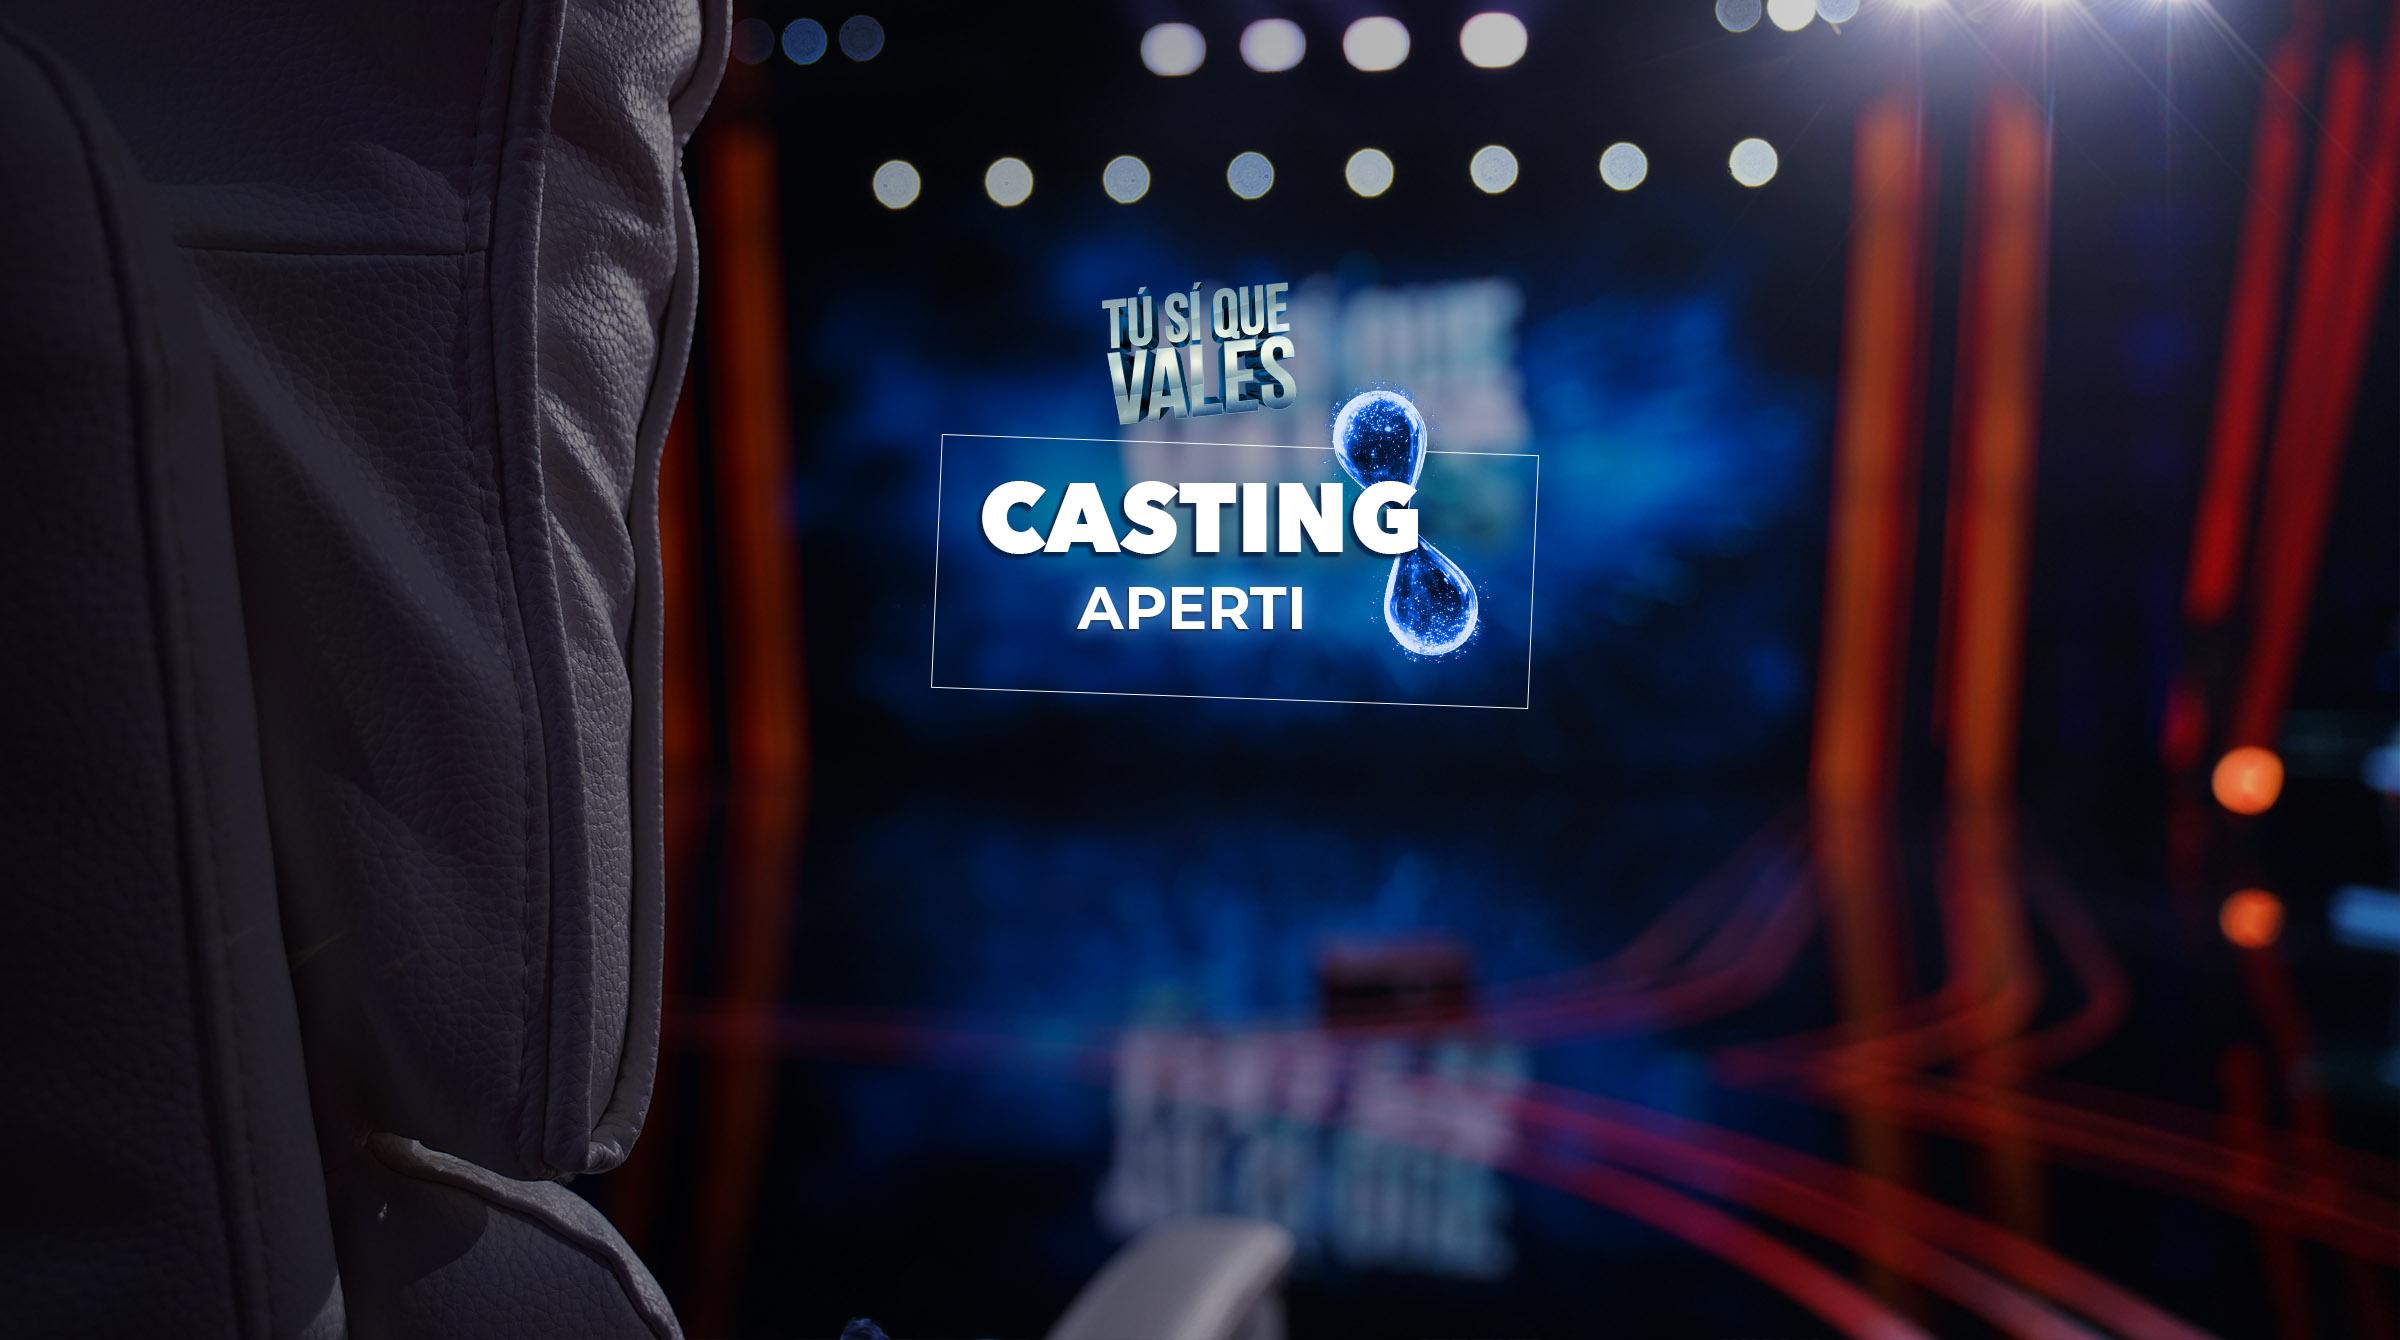 casting-tusiquevales-aperti